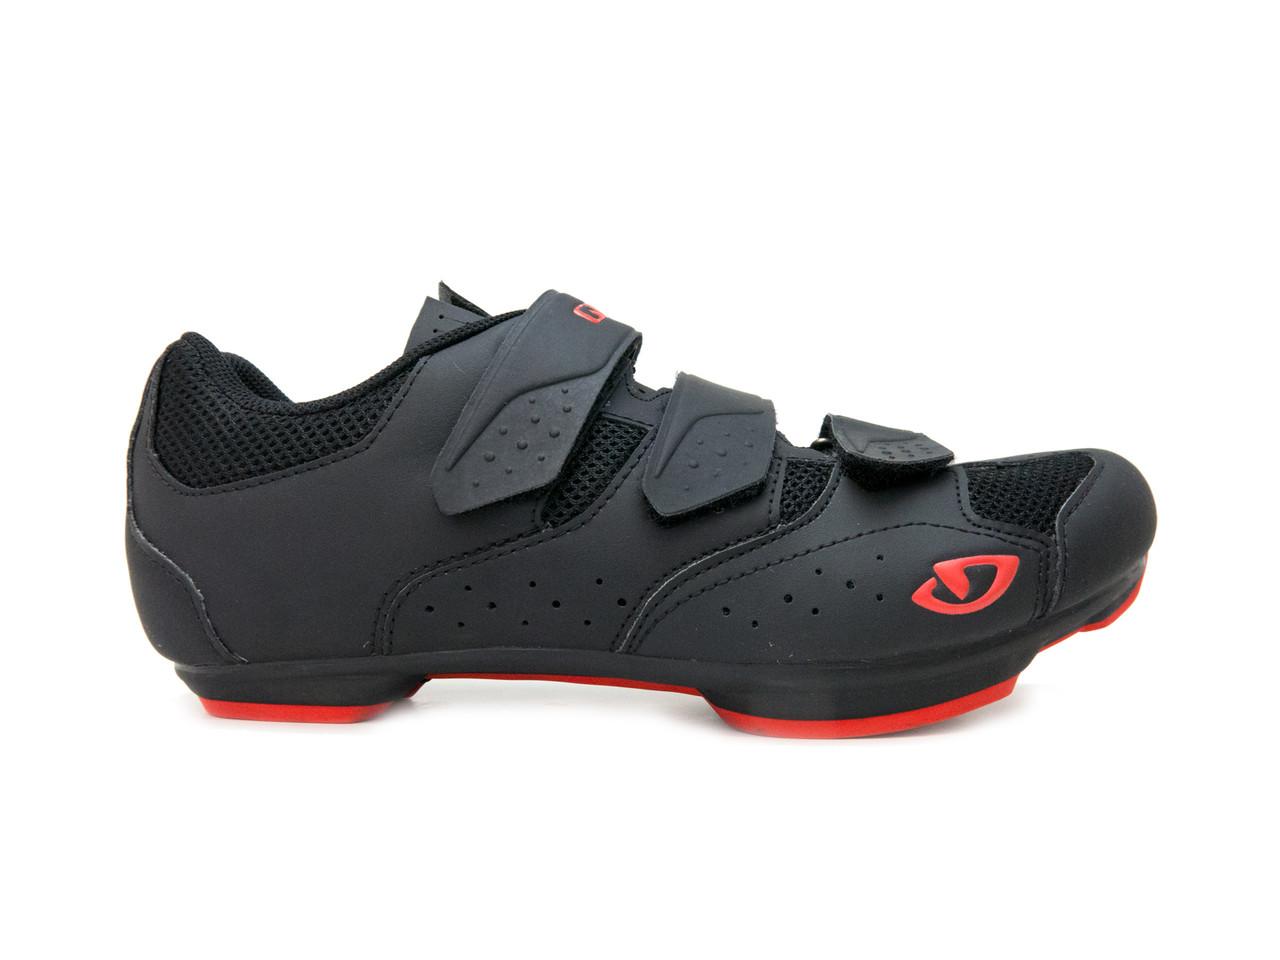 Giro Rev Mens Cycling Shoes